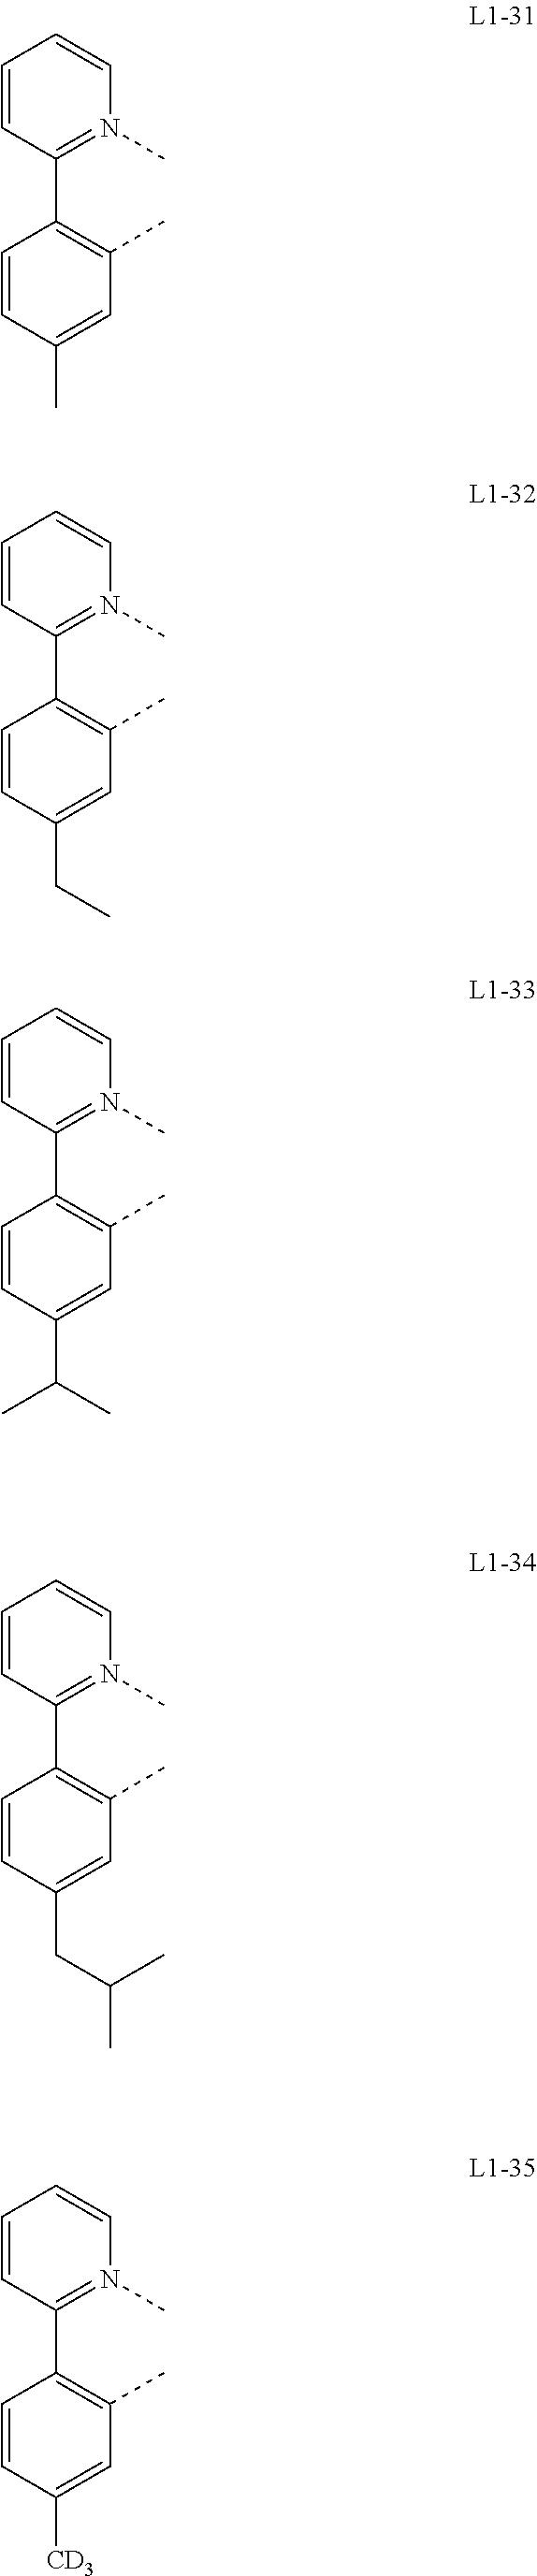 Figure US10074806-20180911-C00048